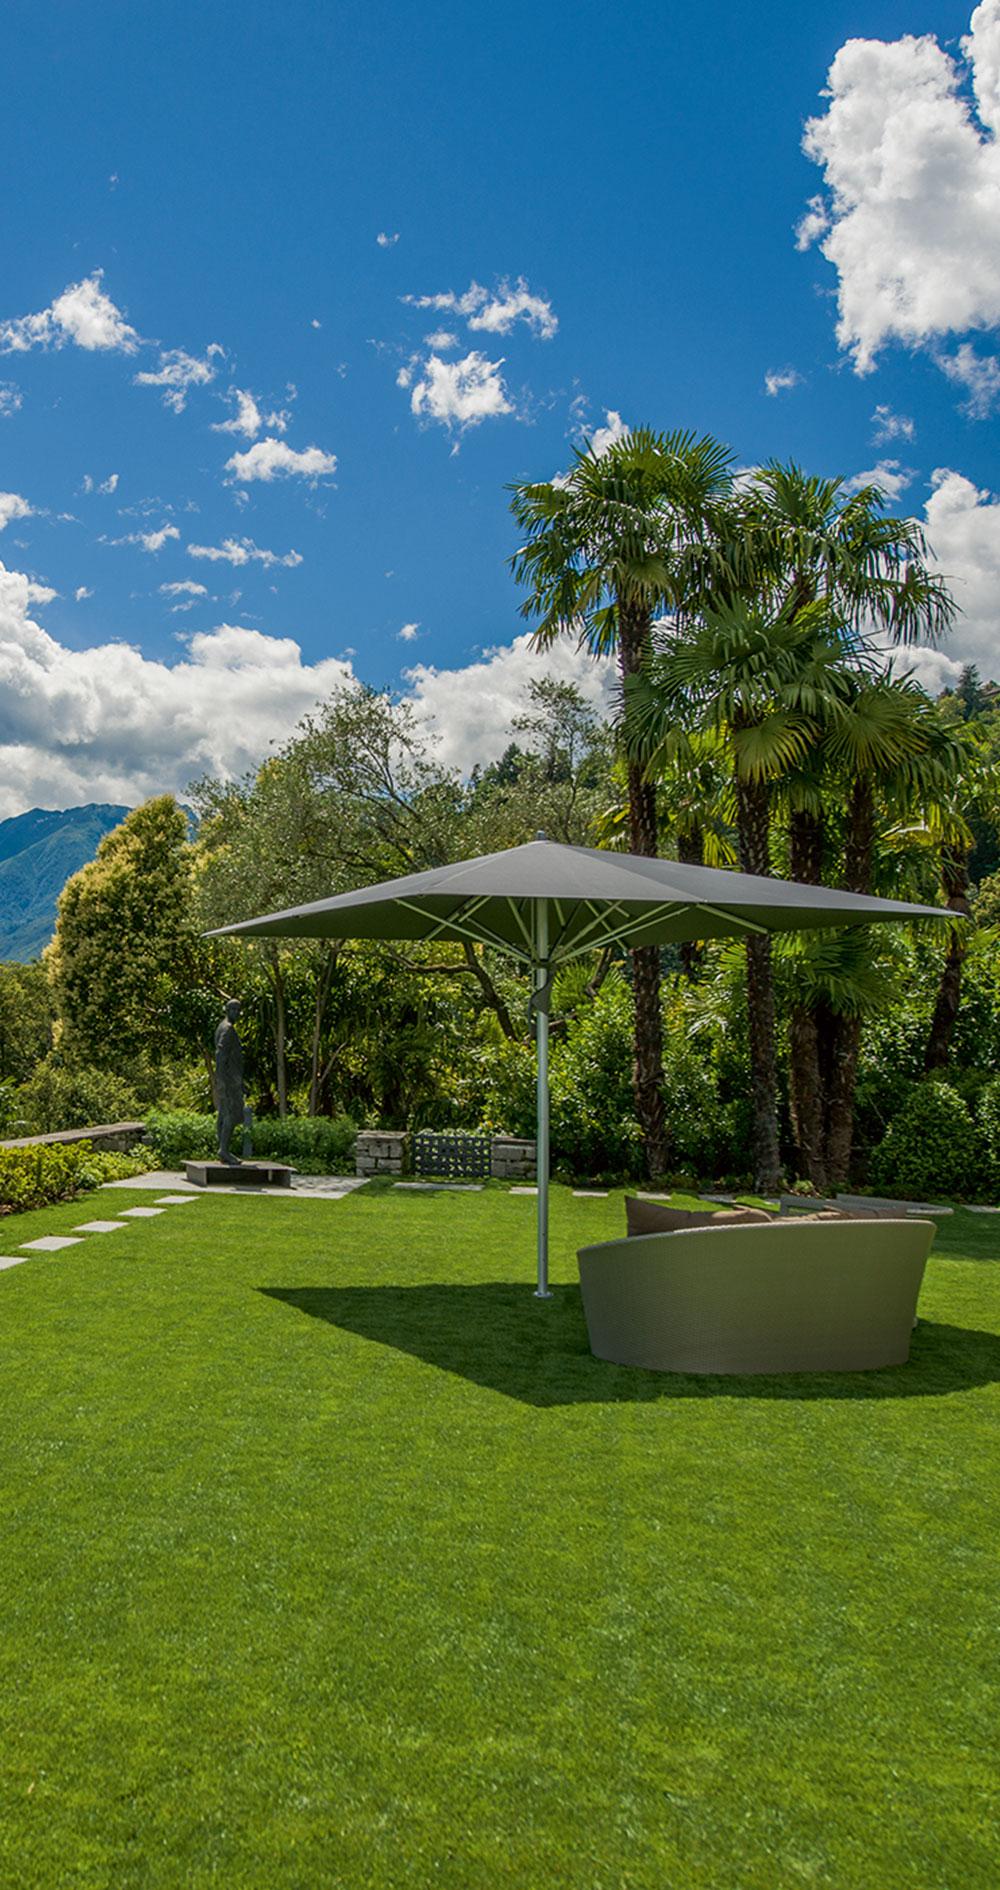 zanker Sonnenschirm 05 - Sonnenschutz für Freisitz und Garten